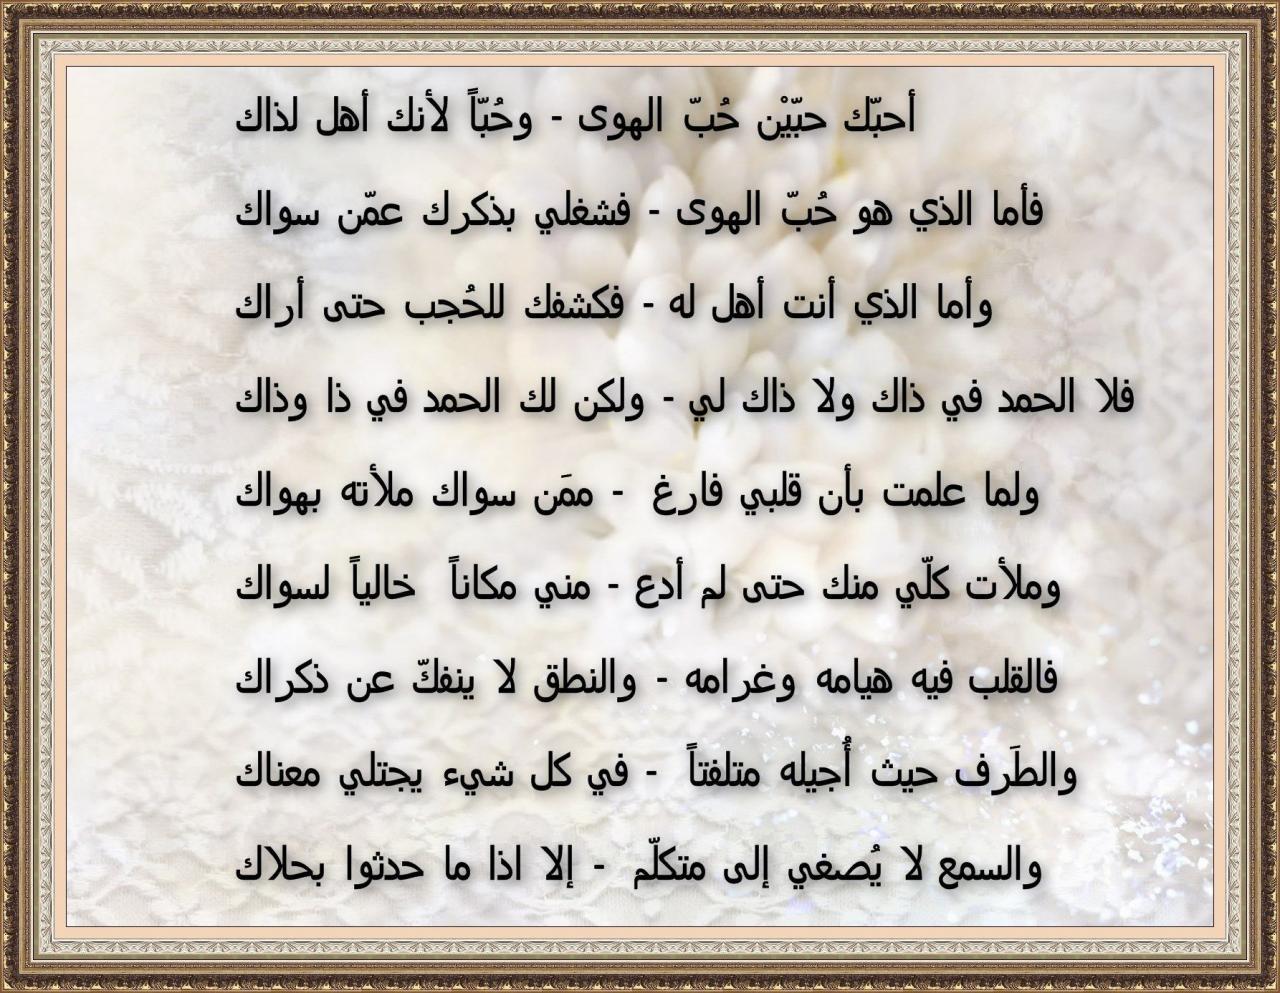 صورة بيت شعر عن اللغة العربية , ابيات لوصف جمال لغة الضاد